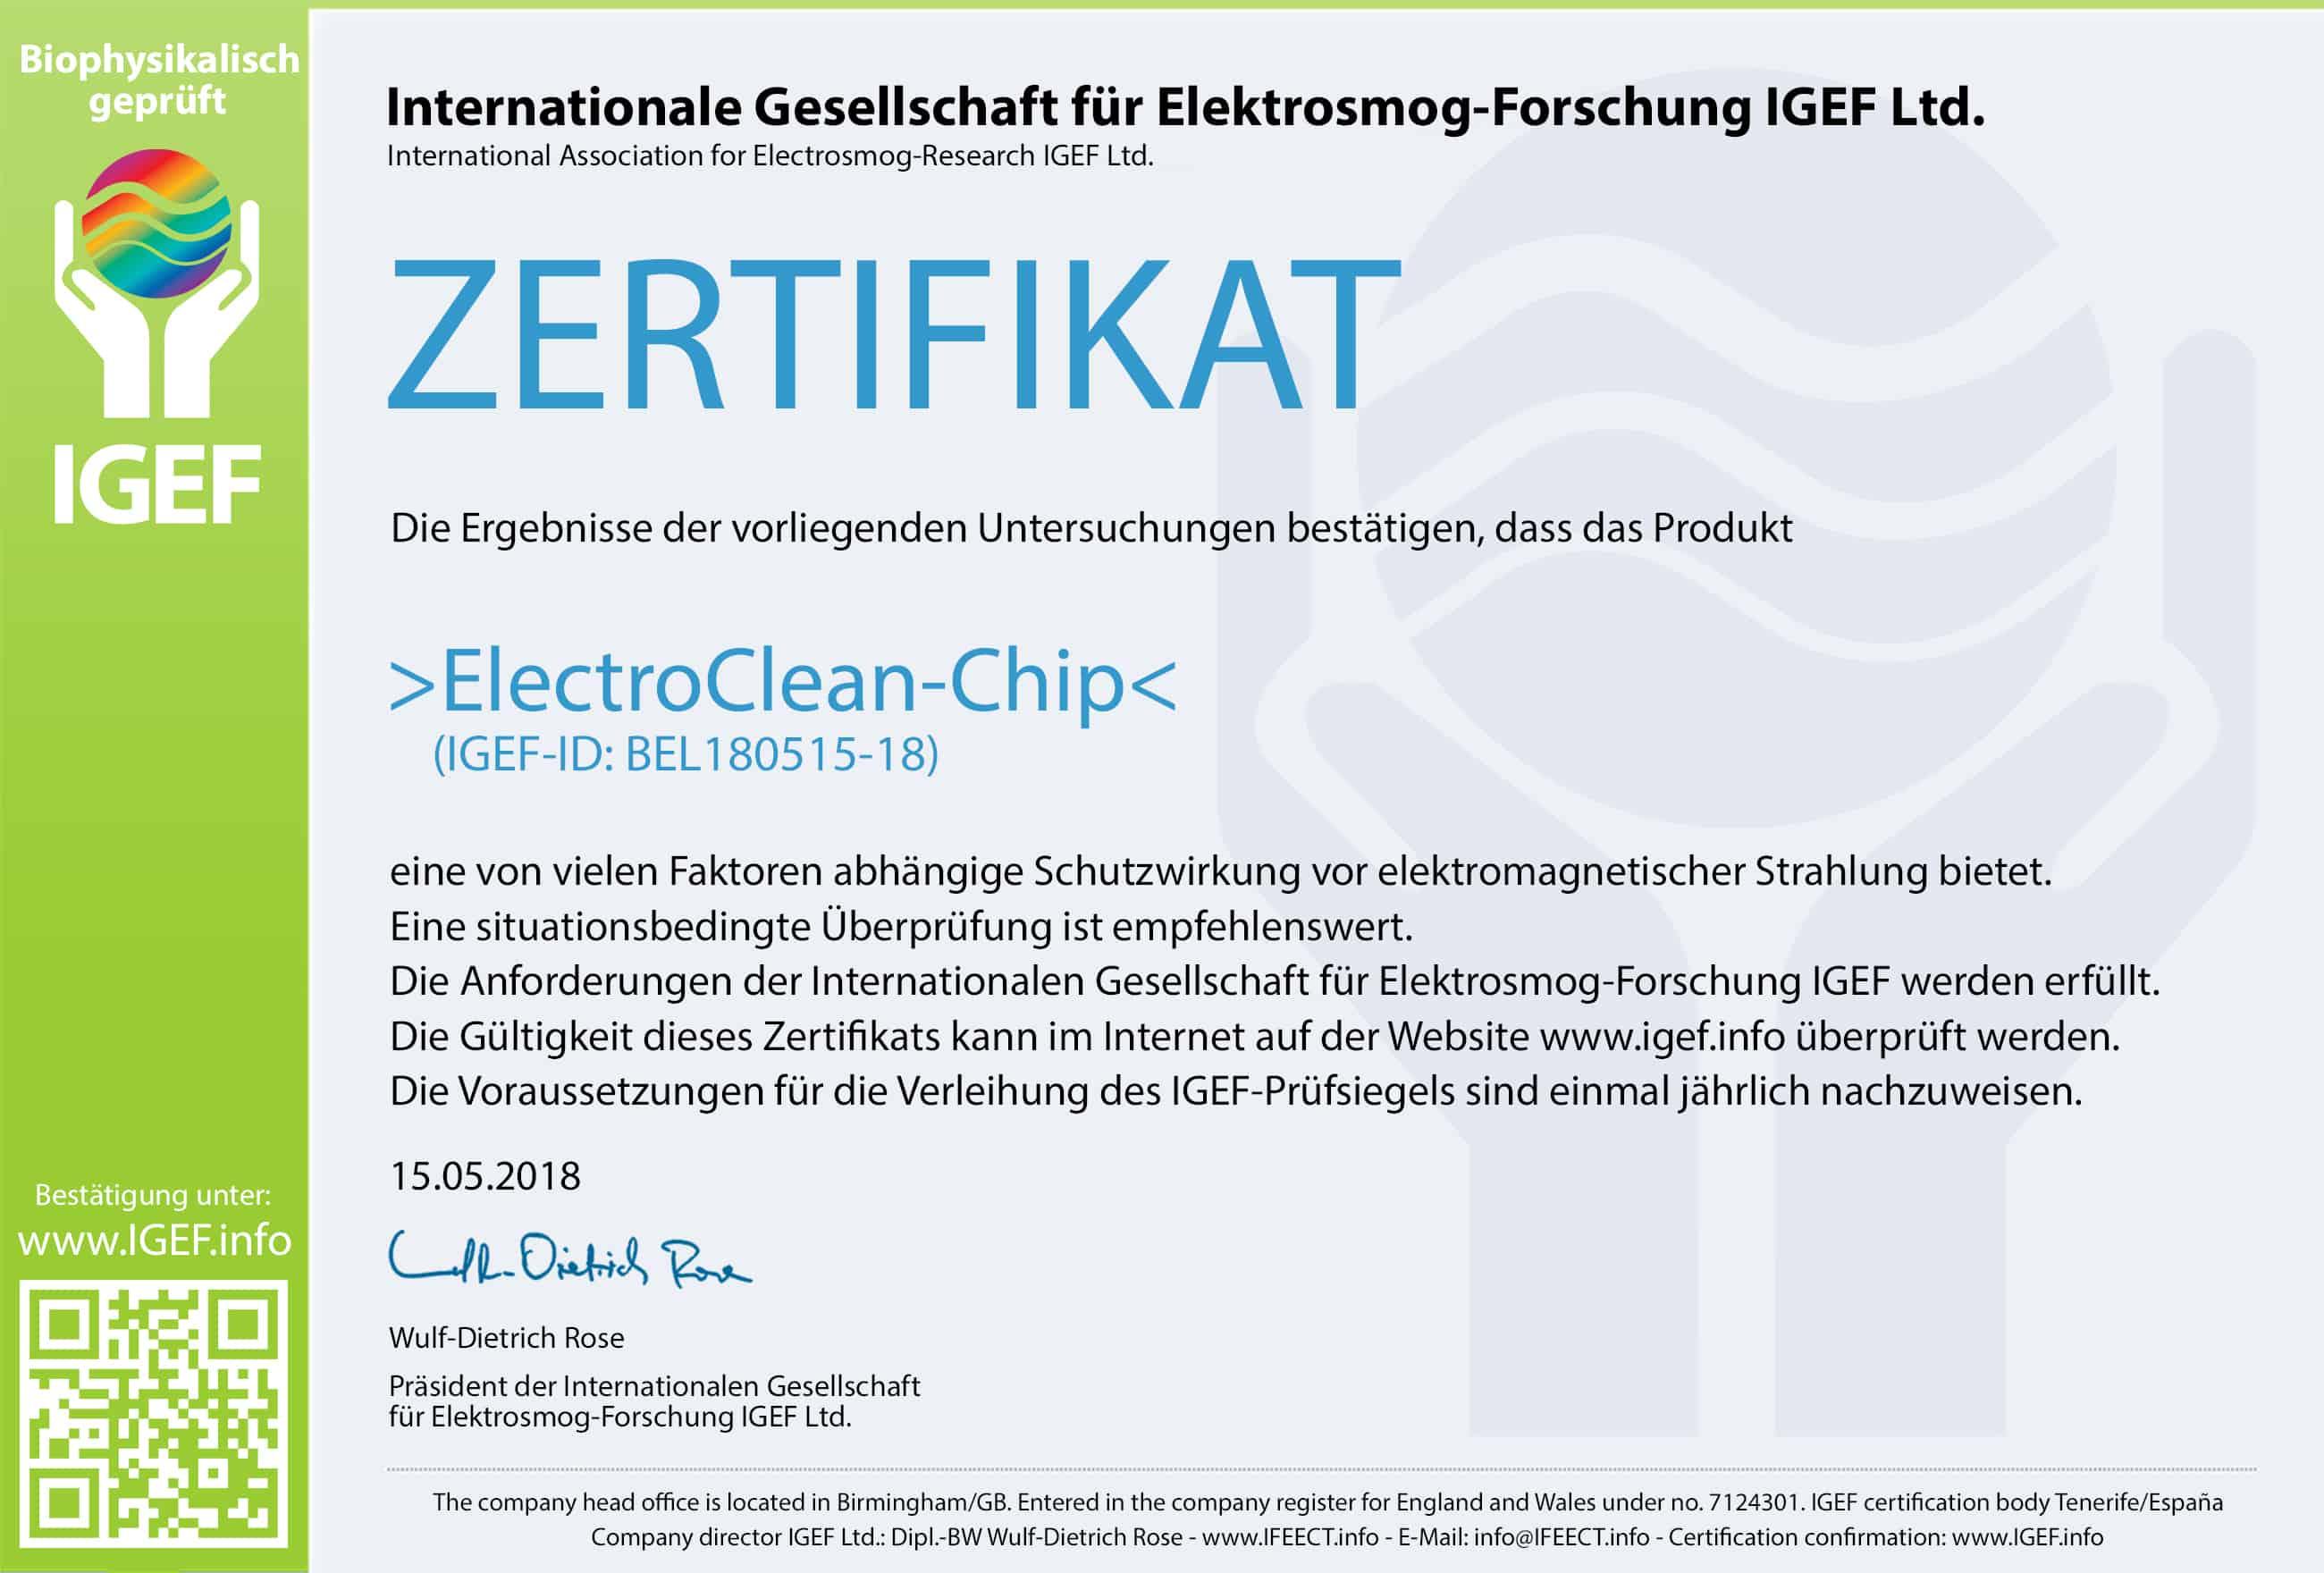 IGEF-Zertifikat-BEL-DE-18